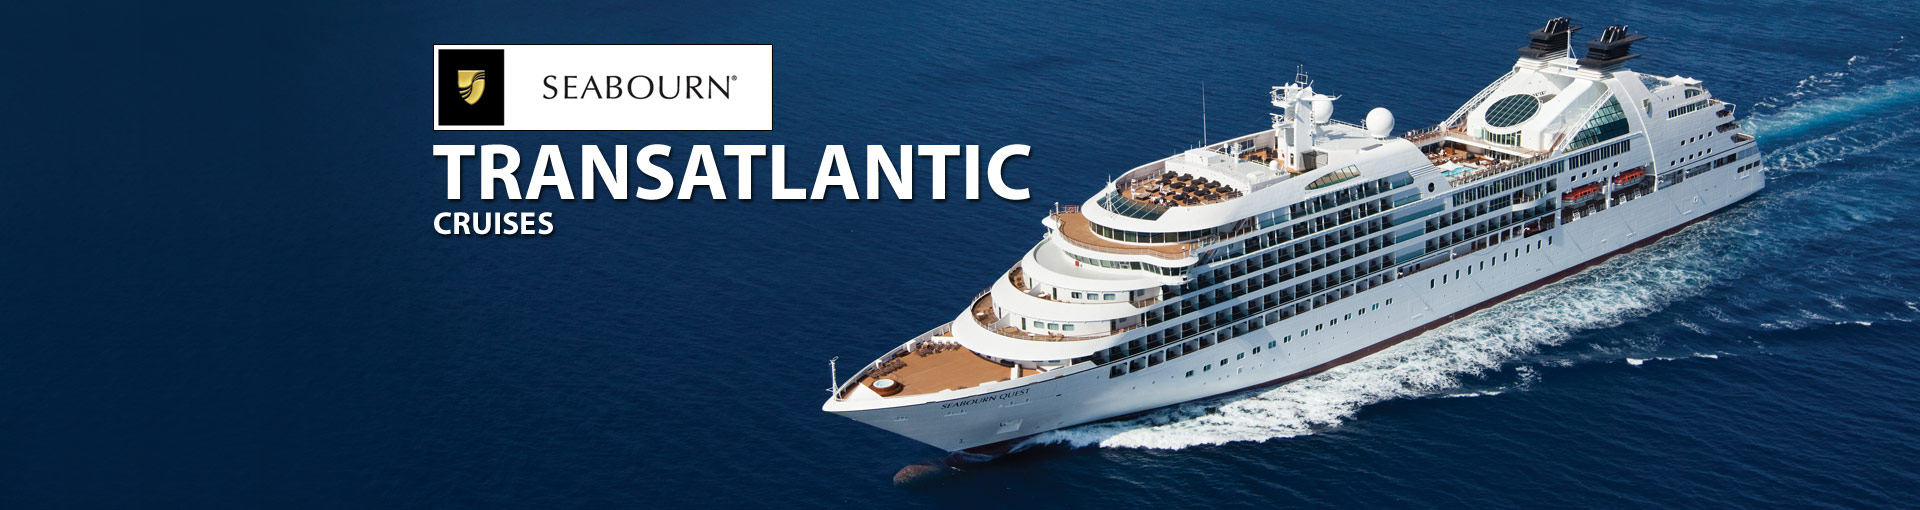 Seabourn Cruise Line Transatlantic Cruises